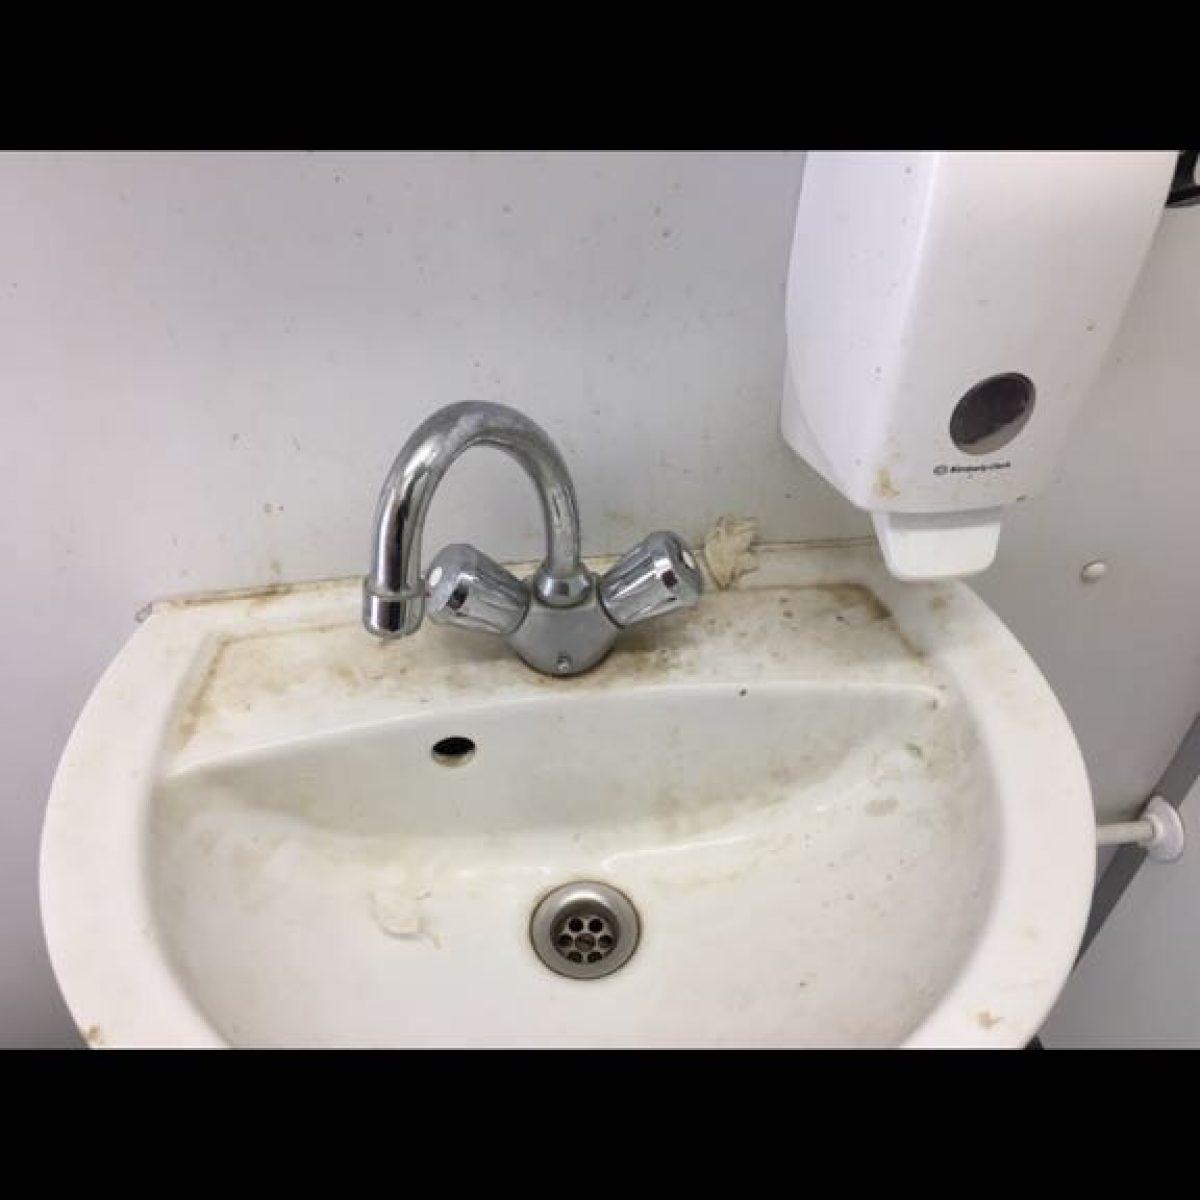 Waschbecken - Vorher